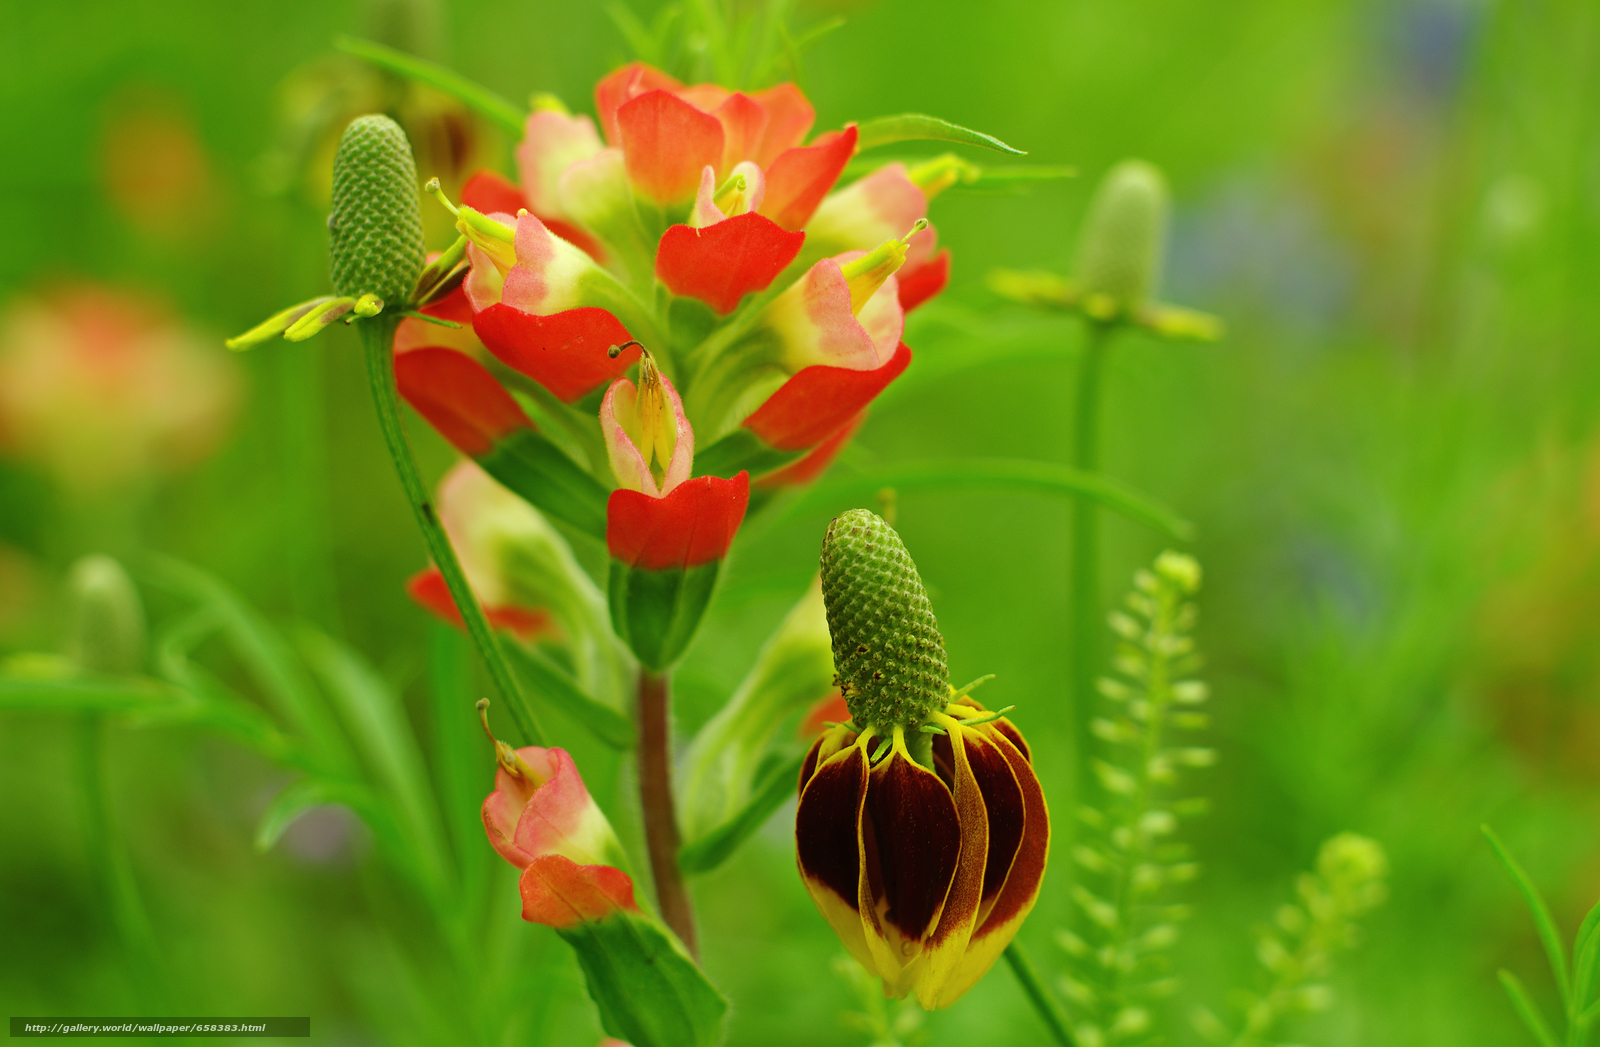 Скачать обои цветок,  цветы,  флора бесплатно для рабочего стола в разрешении 4640x3036 — картинка №658383